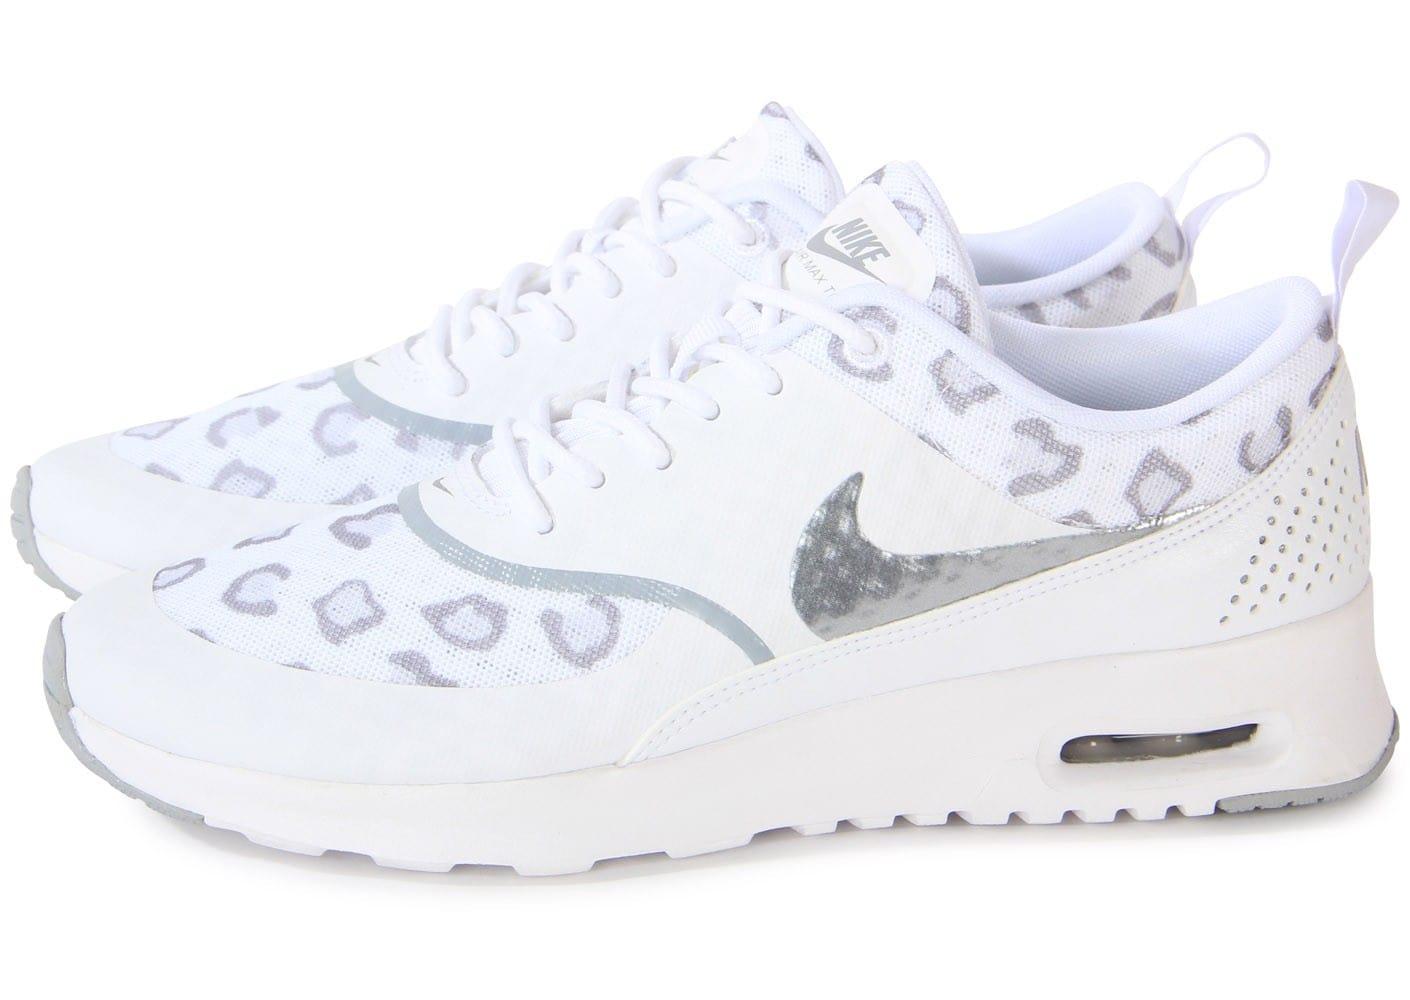 buy popular 89d87 63e54 Découvrez le point de vente air max thea femme leopard pas cher. Jusqu à  48% de réduction sur notre boutique en ligne sur www.lesdemeuresdefrance.fr